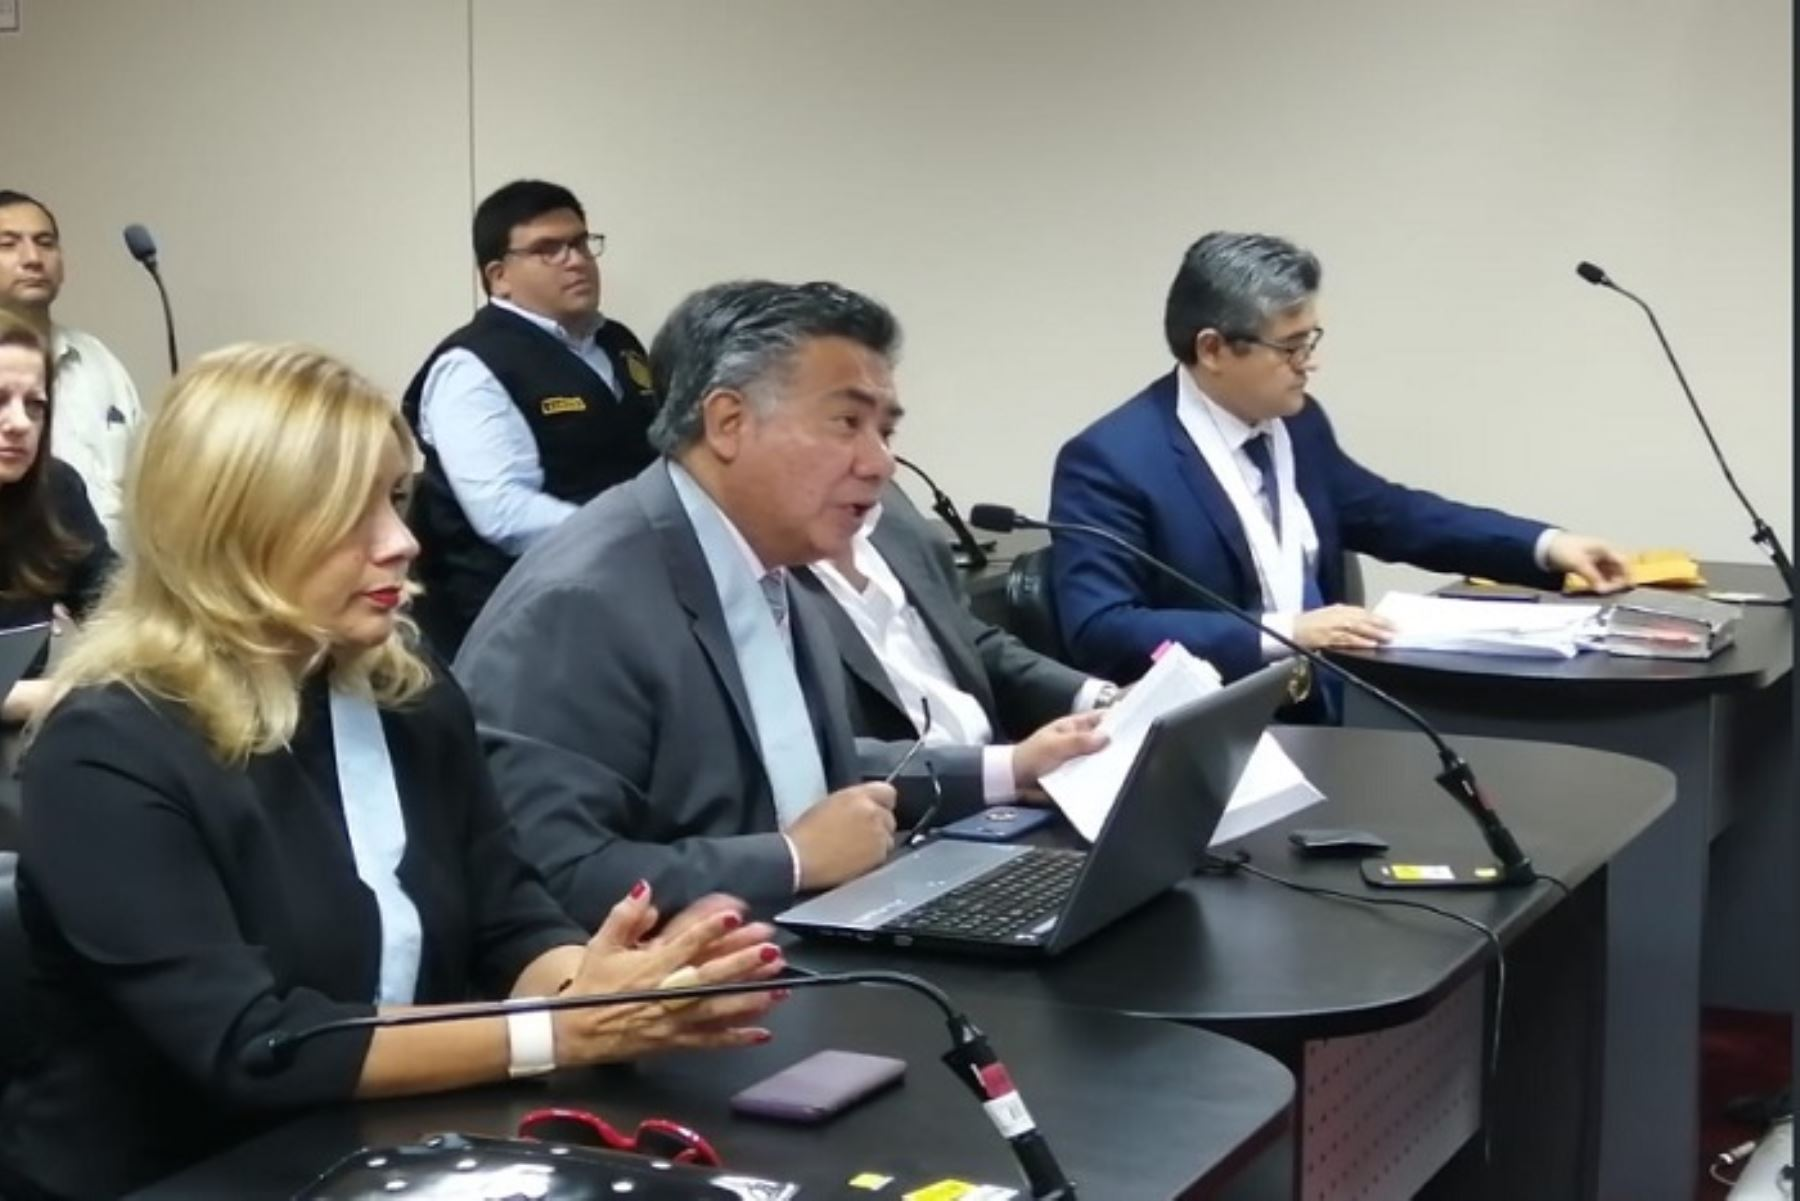 Abogado César Nakazaki, expone ante el juez durante la audiencia en que se evaluó el pedido de prisión preventiva contra el expresidente Pedro Pablo Kuczynski.